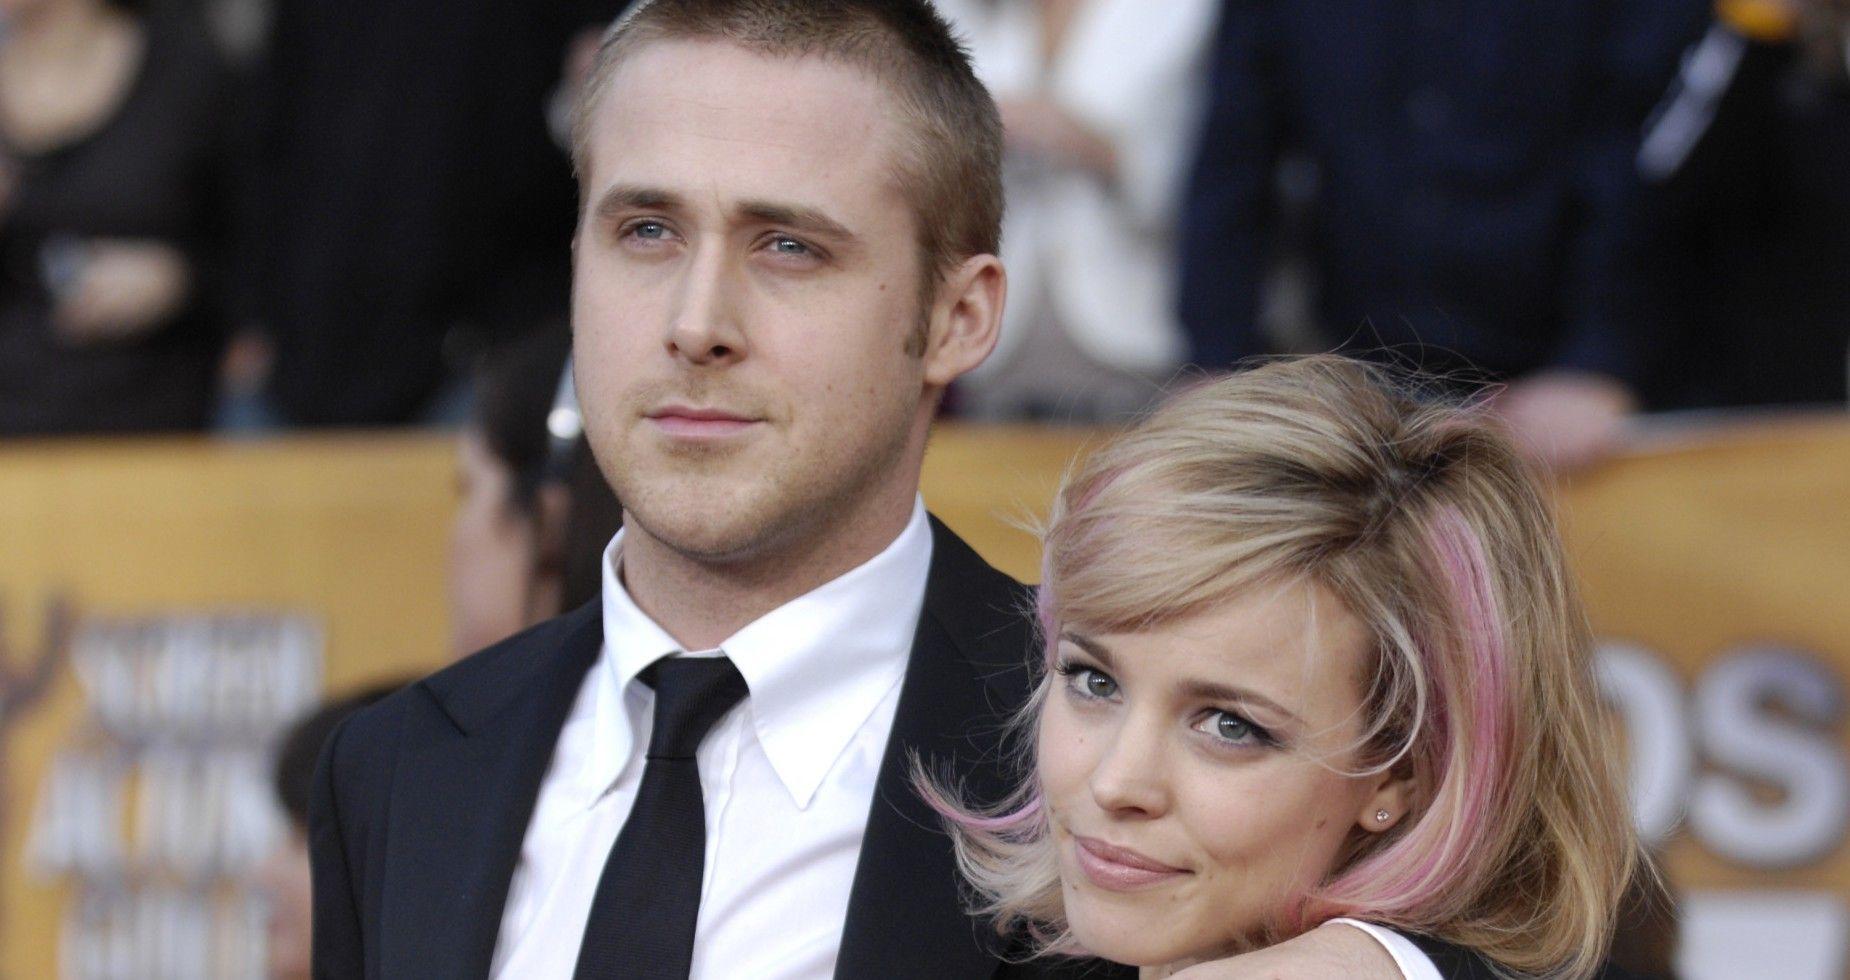 10 Heartbreaking Celebrity Splits That We Still Talk About